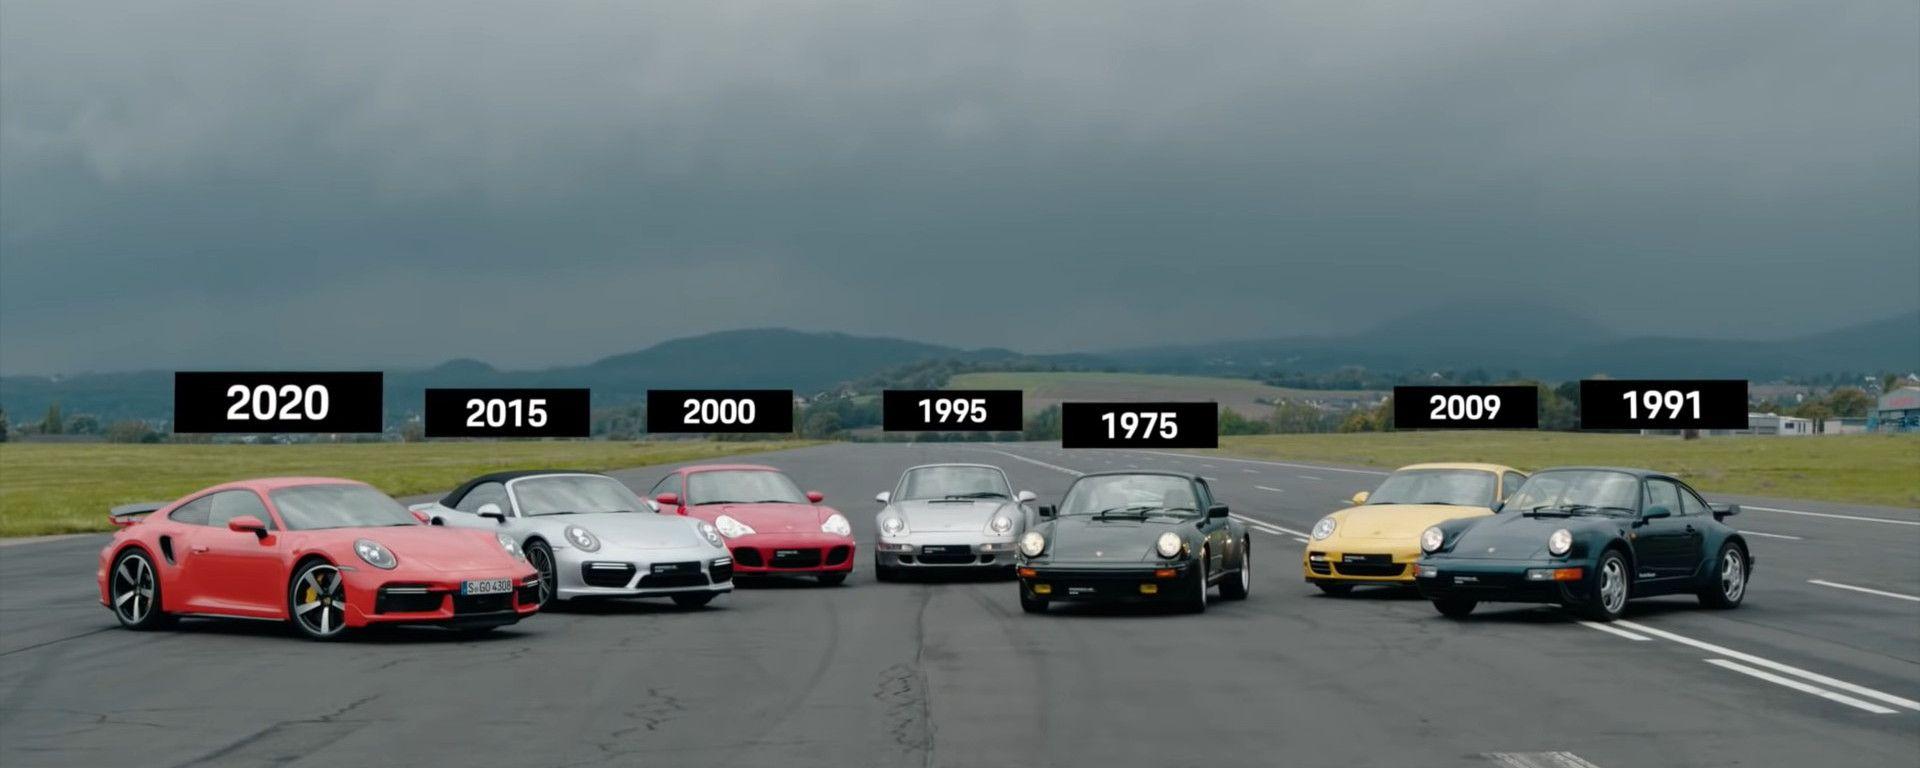 Porsche 911 Turbo: sette generazioni in drag race, il video